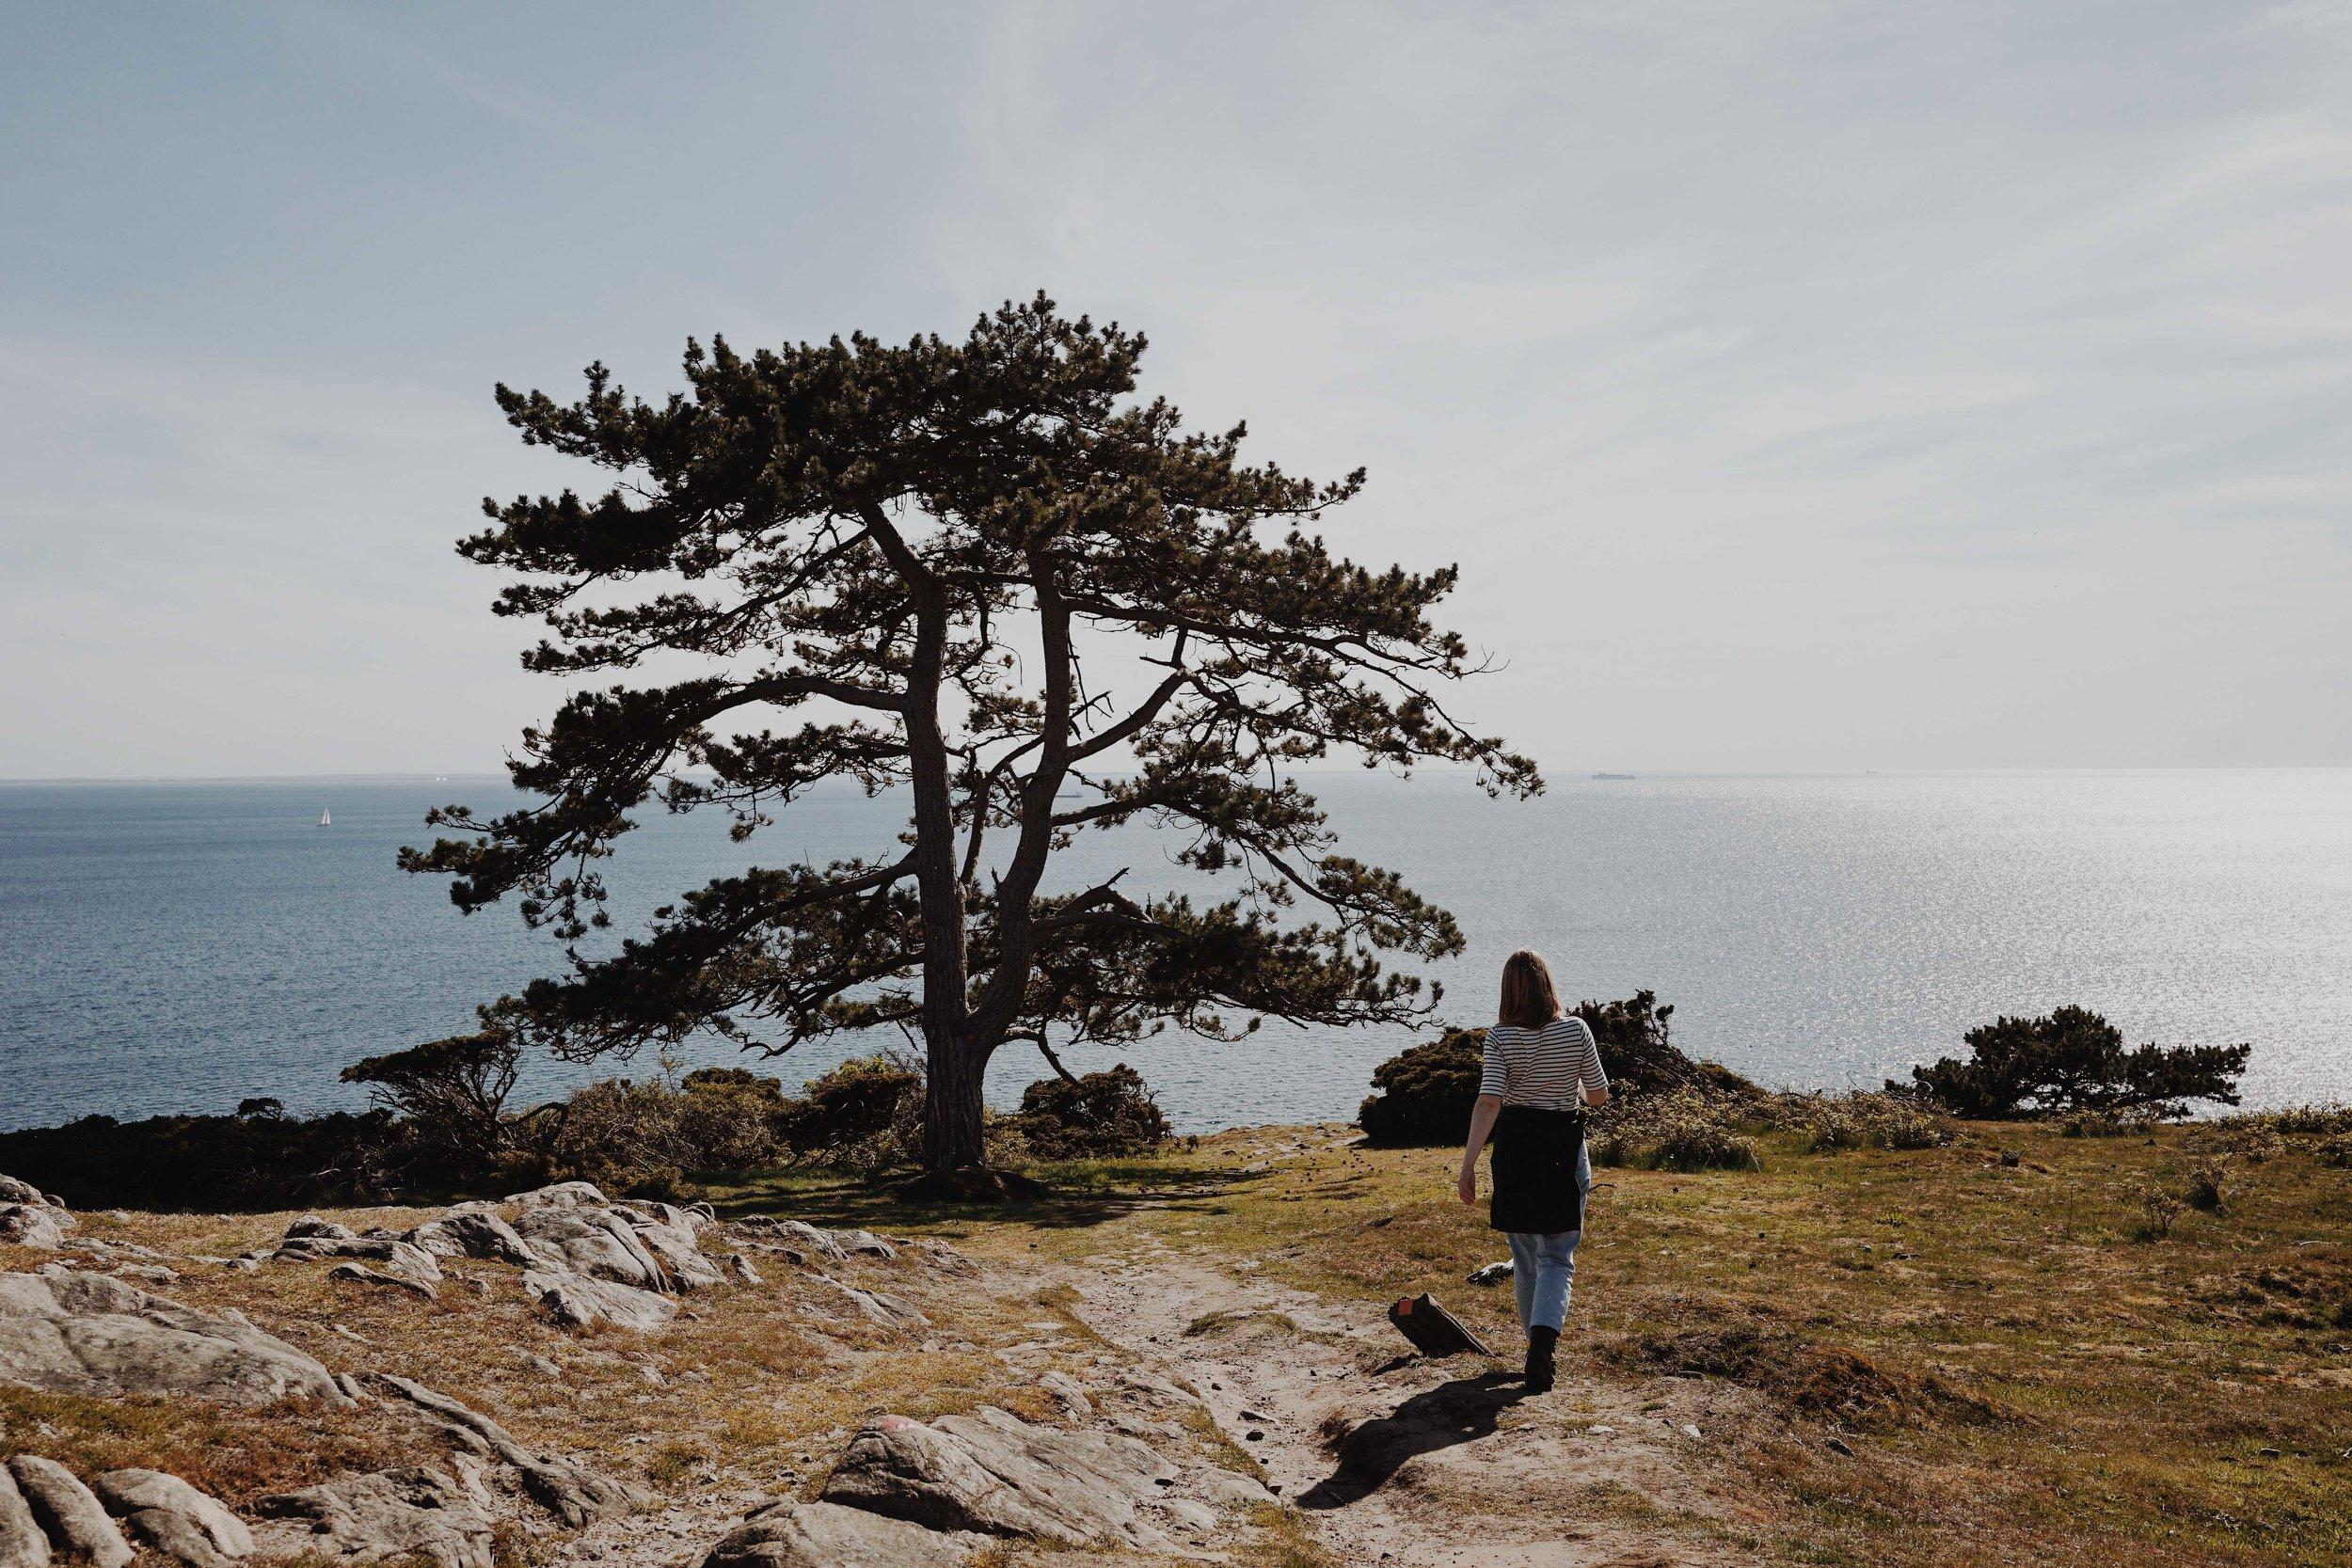 ASROSENVINGE_VisitSkane_Sweden_Molle_Kullaberg_Hiking_LowRes-110.jpg